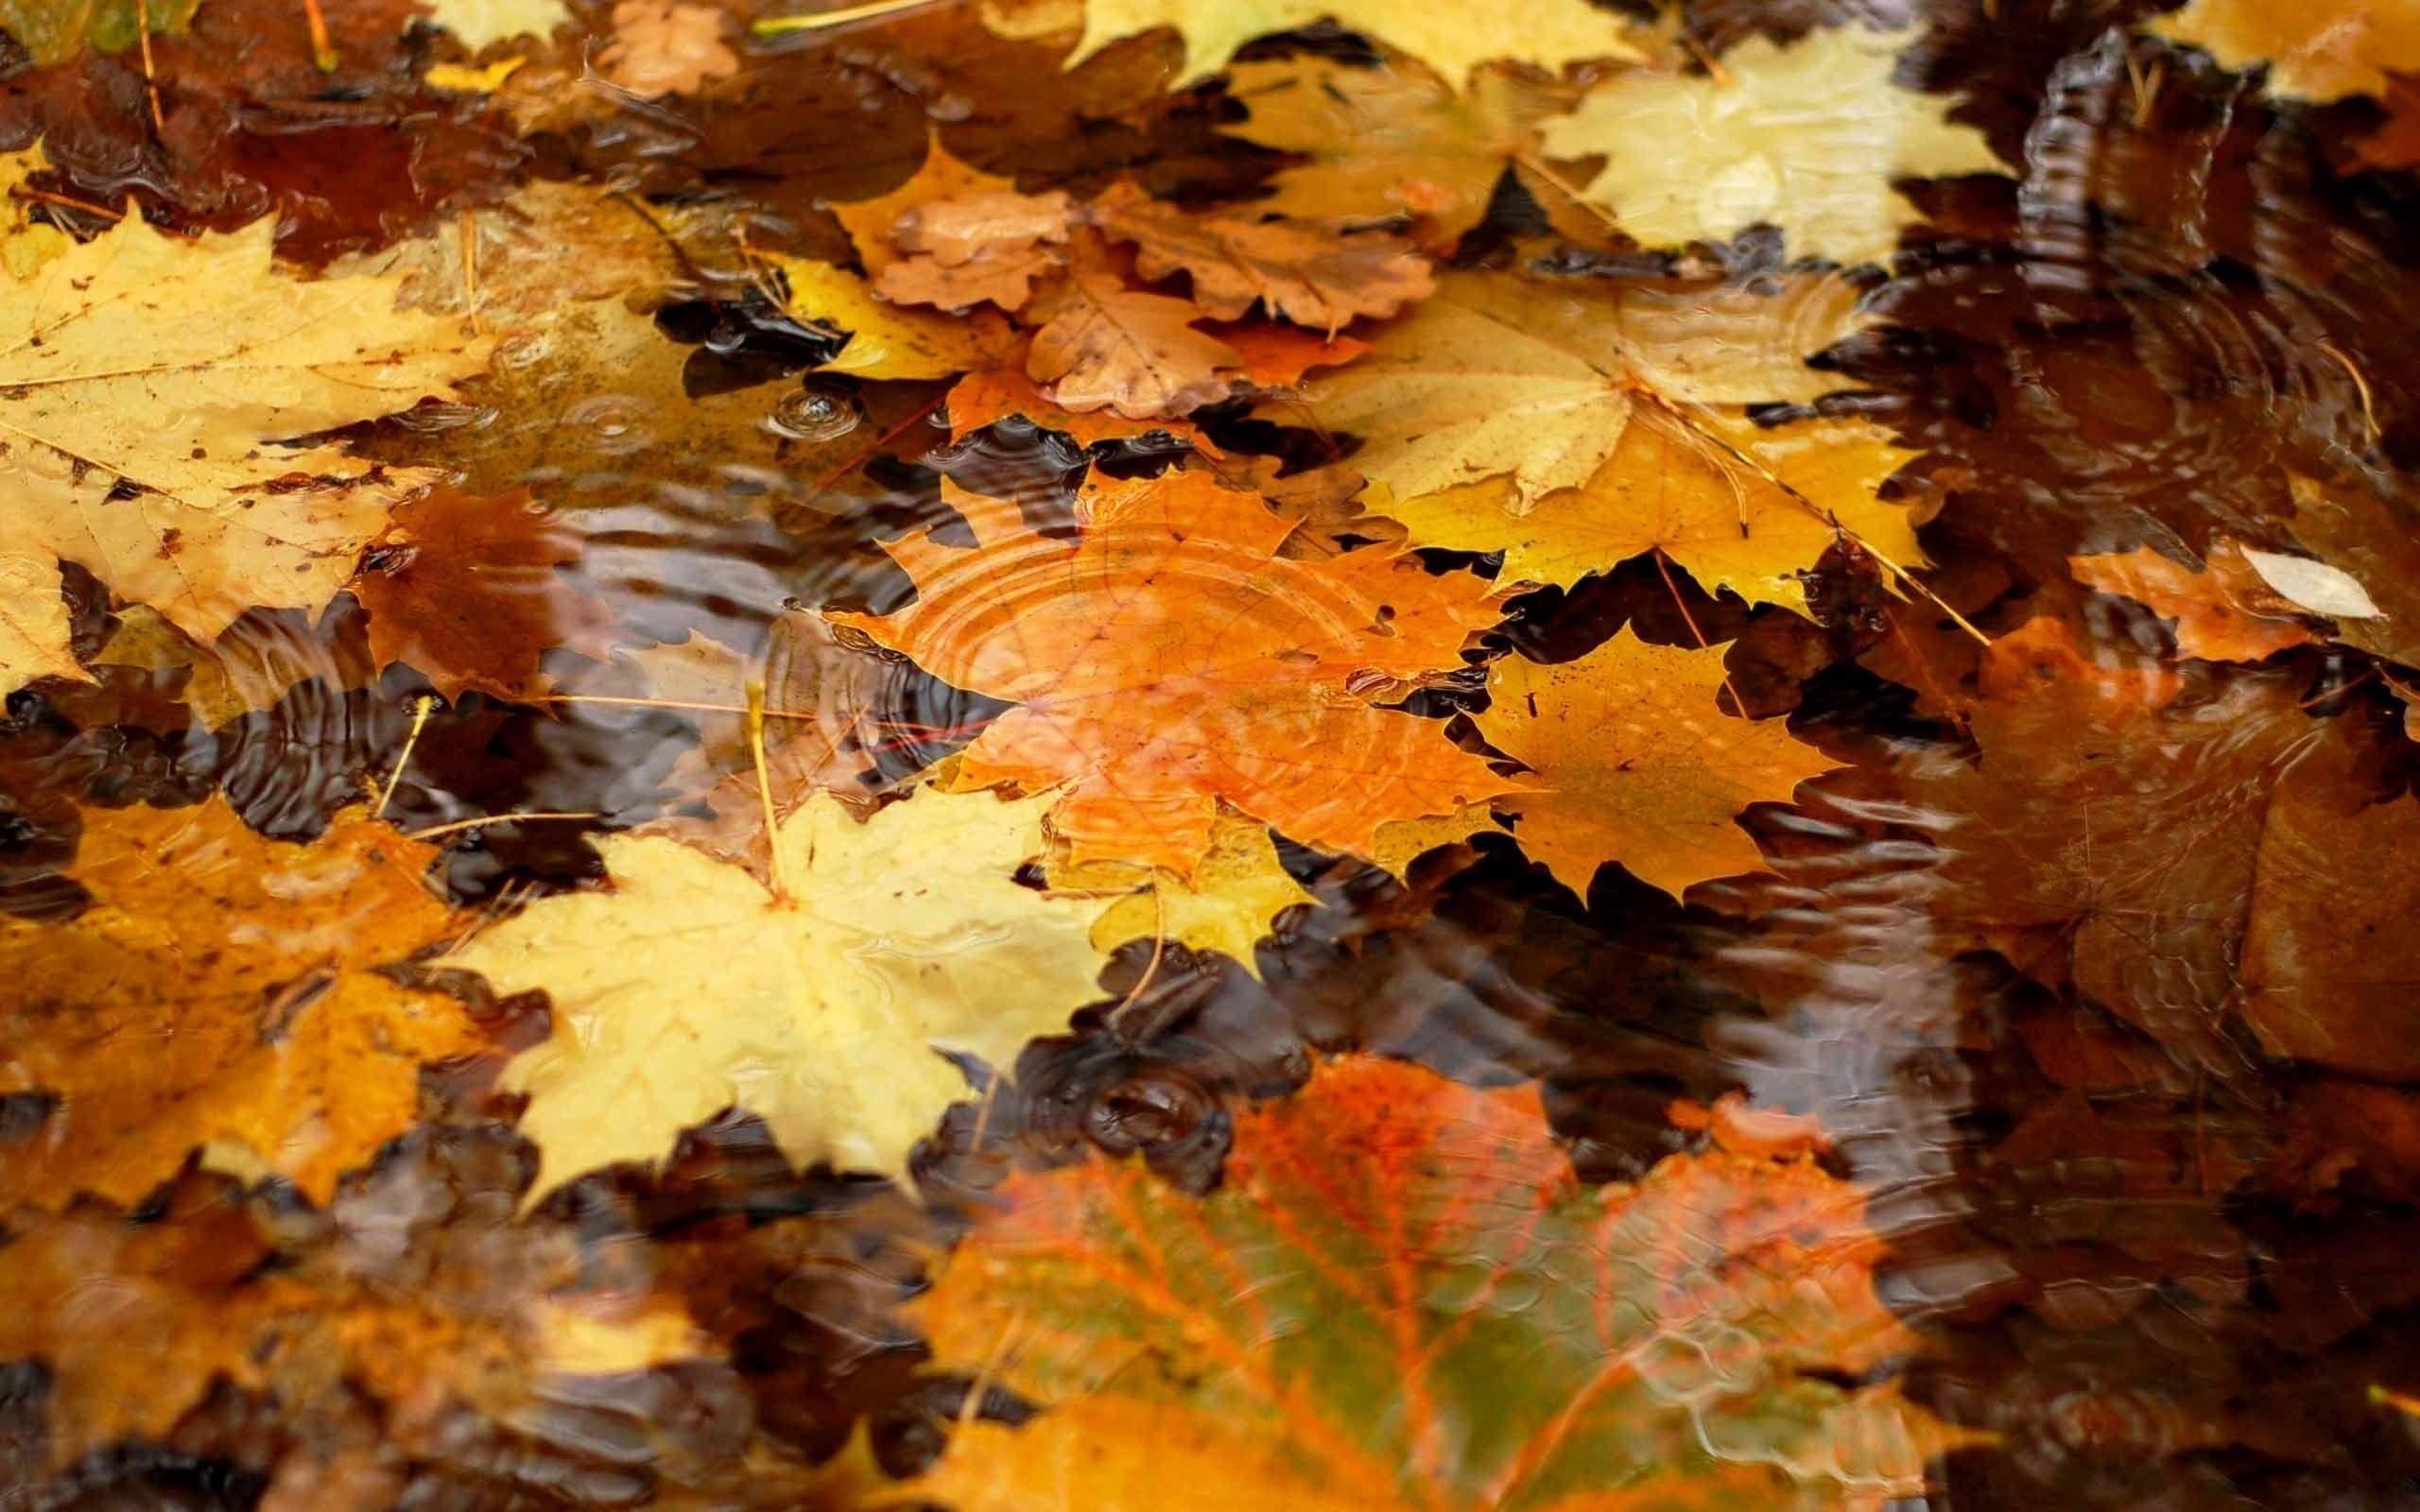 Desktop Wallpaper Autumn Leaves 65 Images